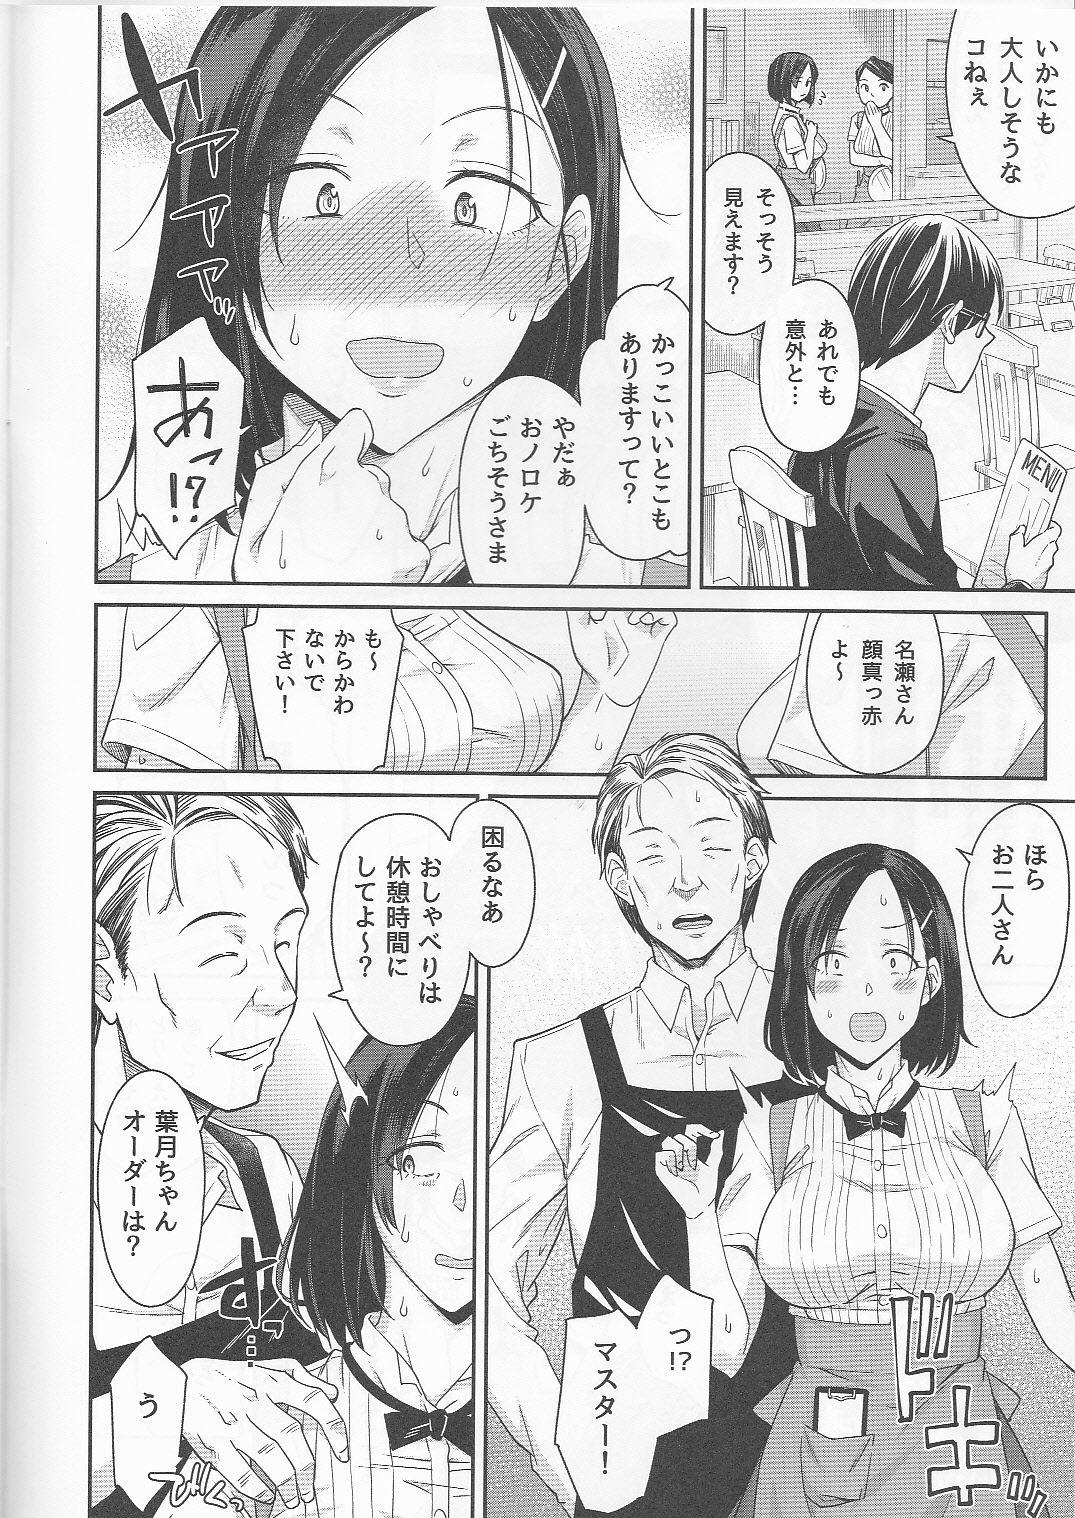 [Orikuchi Hirata] Toranoana Haru no Adult Kanshasai ~NTR Hen~ Kanojo no Shuumatsu Netorare Jijou 2